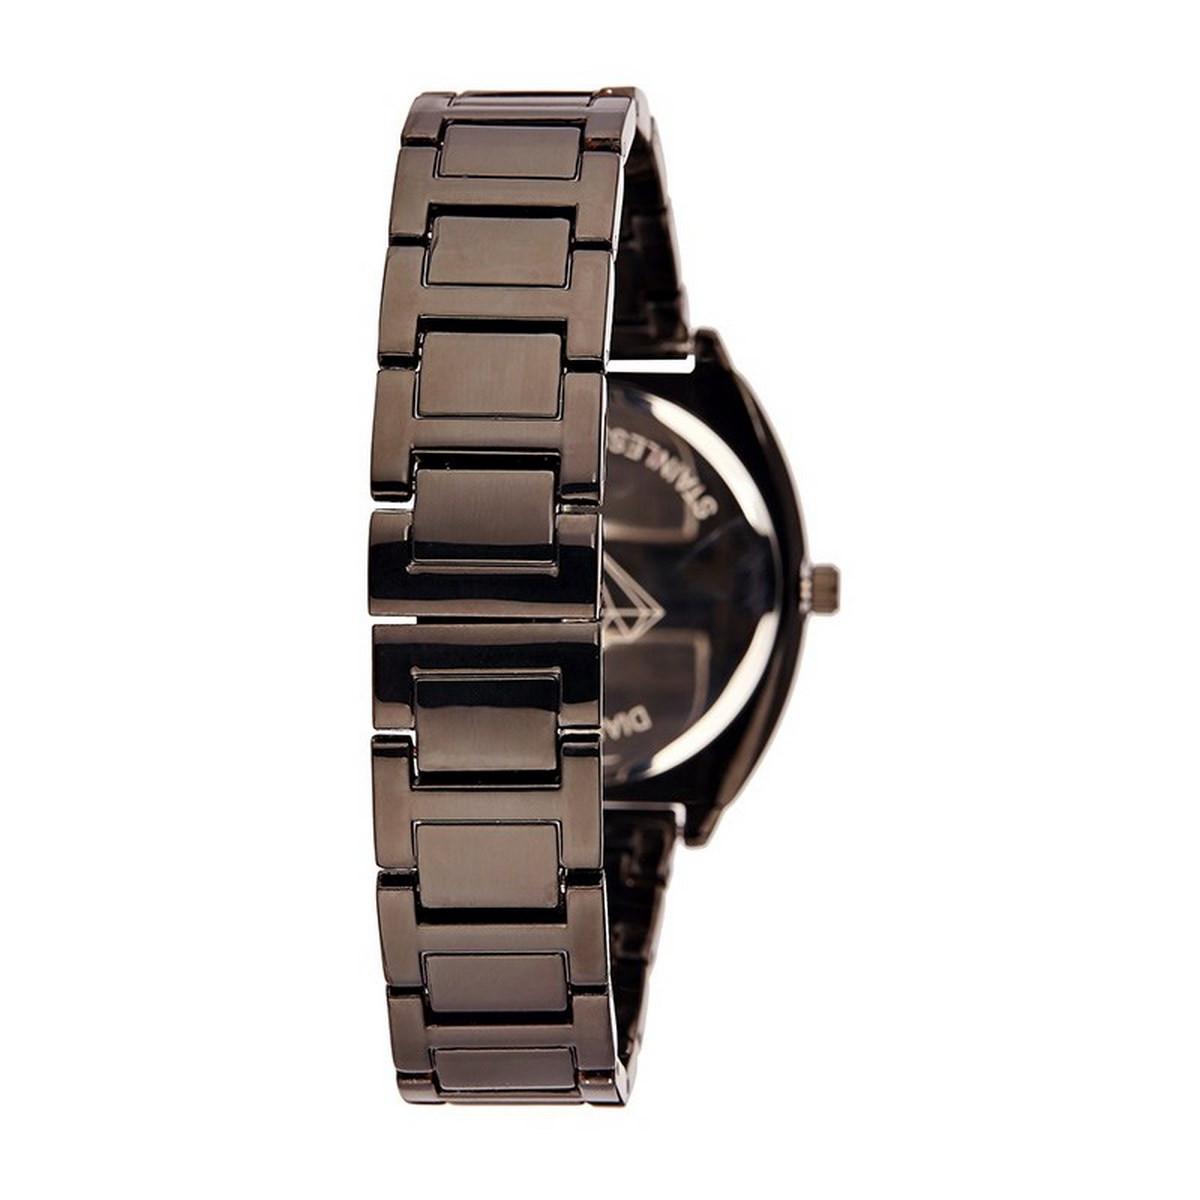 Montre Femme Lily Diamants 0,012 carats - Cadran noir Bracelet métal noir